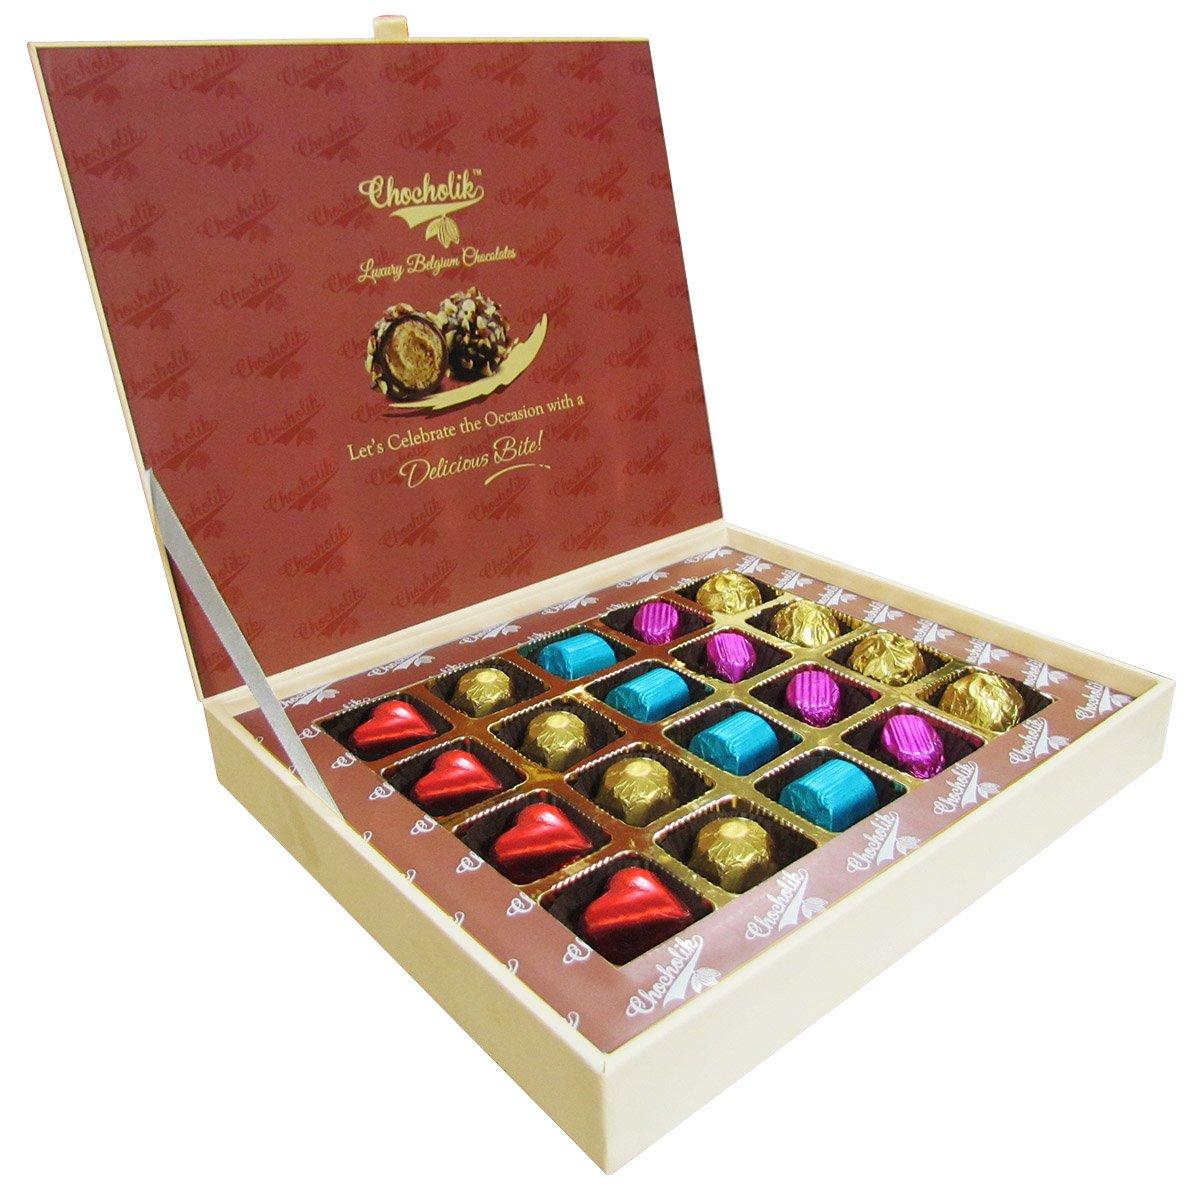 Best Price of Rakhi Chocolate Box - 20pc + Free Rakhi